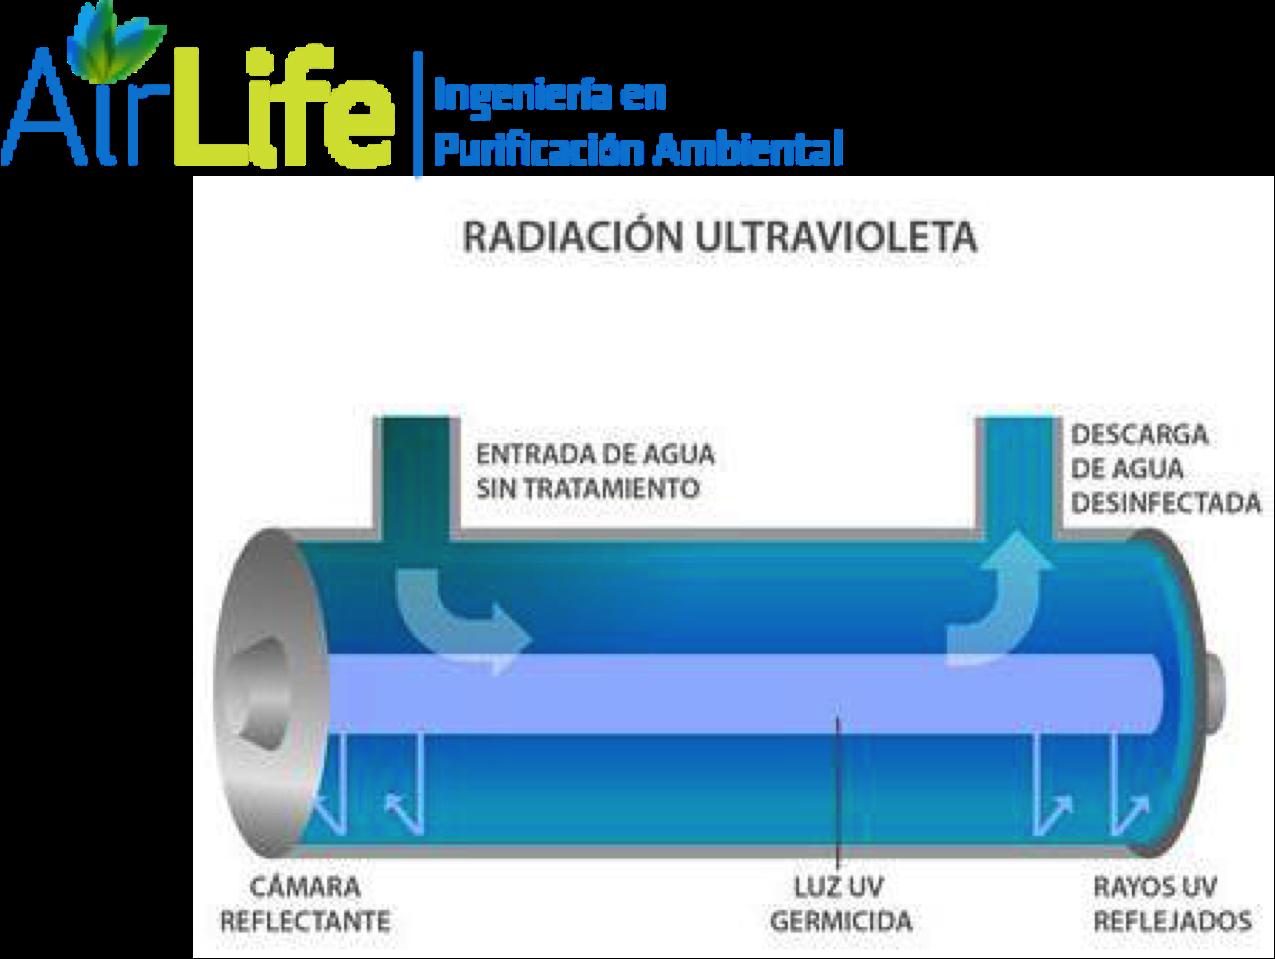 ¿Qué es la irradiación germicida ultravioleta